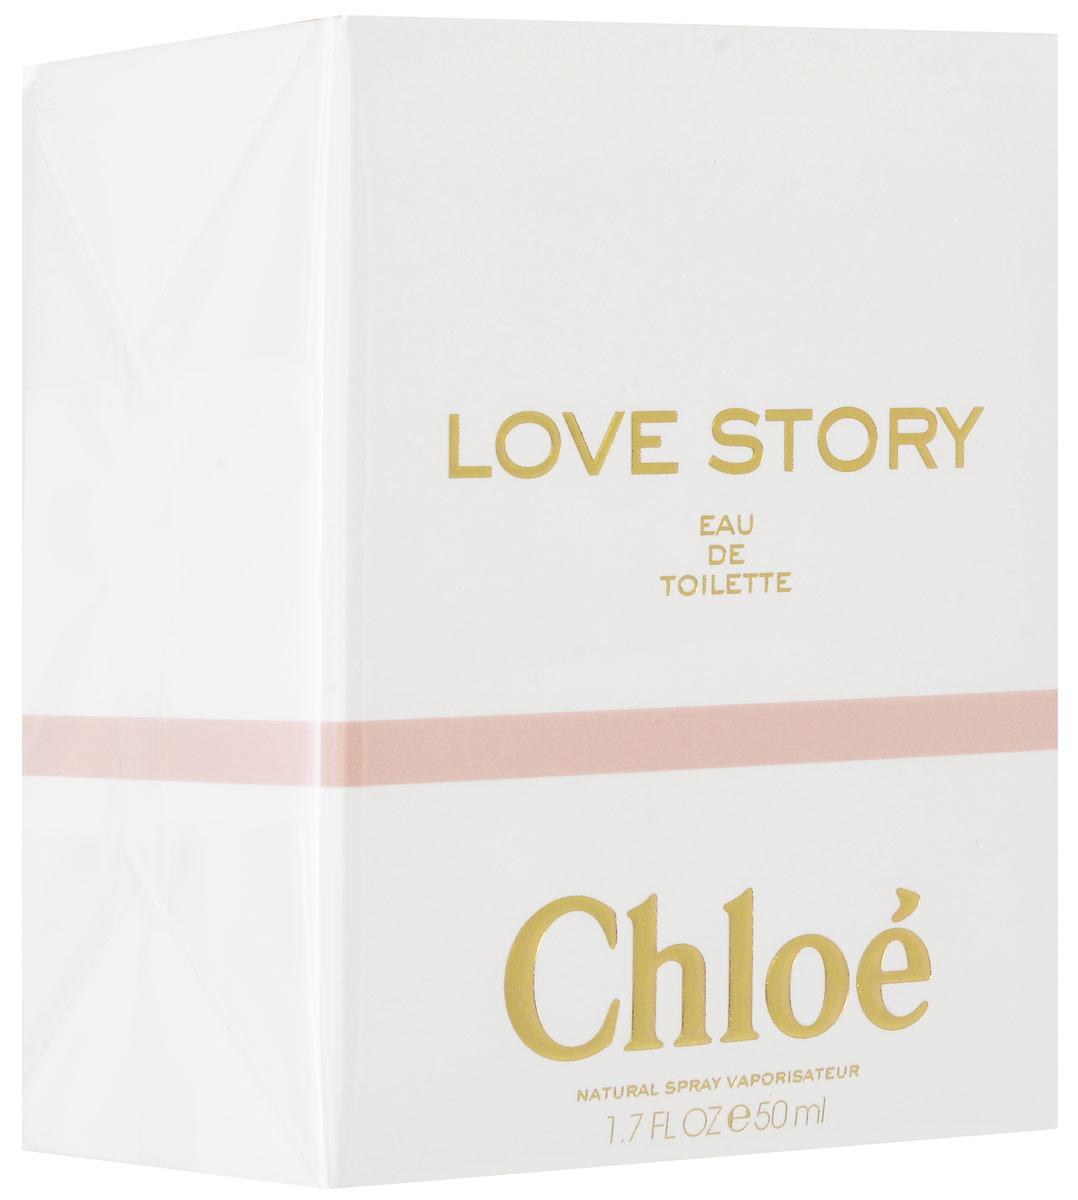 Chloe Love Story  Туалетная вода женская 50 мл64990441000Особенное утро, наполненное сверкающим светом. Нежный цветочный аромат бутонов апельсина сливается со свежестью утренней росы. Она вспоминает их смех. Искры настурции, легкая перчинка - эти ноты заставляют ее трепетать от неги. Этот цветок - символ любви, который дается лишь тому, кто готов открыть своё сердце. Воспоминания о пламенном свидании в пустом городе, они - рука об руку. Настоящая близость. Цветущая слива раскрывает природную чувственность. Невероятно изысканное звучание, обрамленное цветочными нотами. Туалетная вода Chloe Love Story - это новая история любви. Свежий, цветочный и очень чувственный аромат. Чистый соблазн, нанесенный на кожу.Верхняя нота: Бергамот; ноты сердца: Апельсин, Слива, Настурция, Ландыш.Средняя нота: Роза.Шлейф: белый мускус.Цветущая слива раскрывает природную чувственность.Дневной и вечерний аромат.